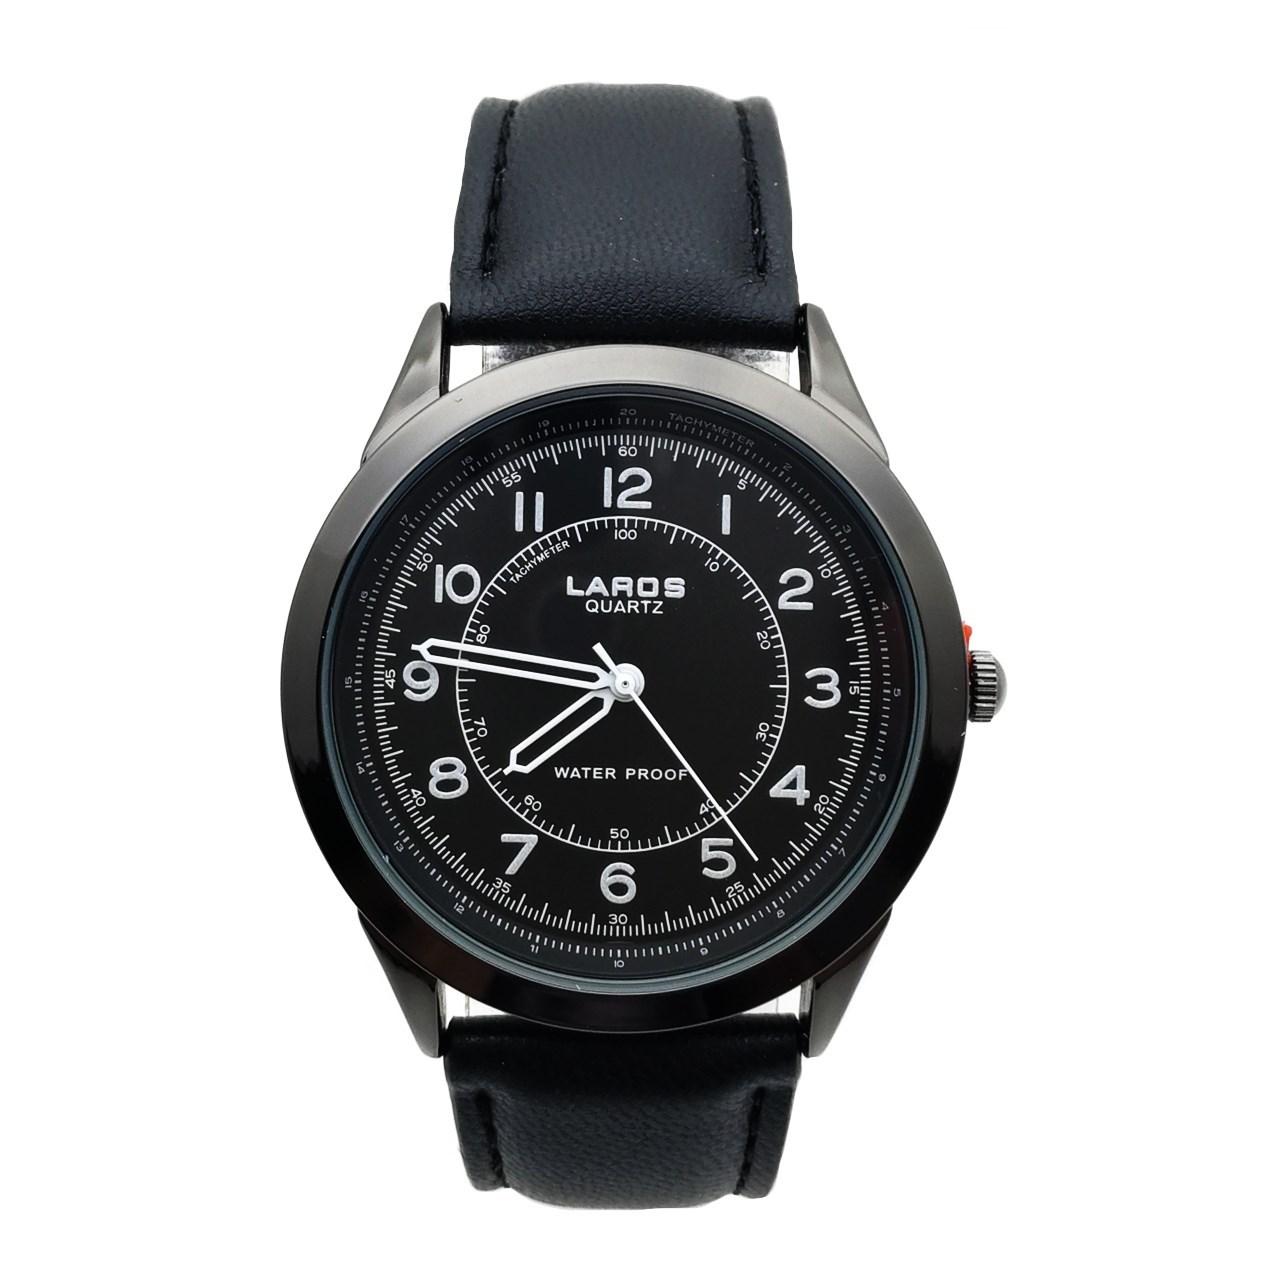 قیمت و خرید                      ساعت مچی عقربه ای مردانه لاروس مدل80047S-Black به همراه جاسوییچی طرح ابزار